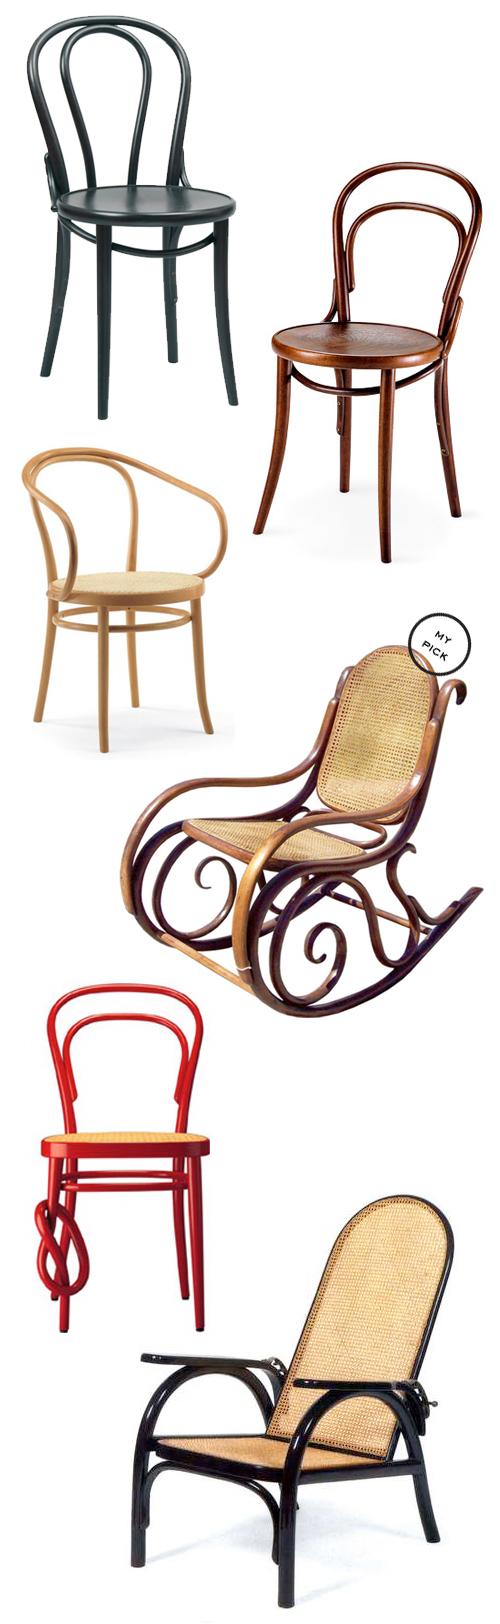 Thonet-chairs